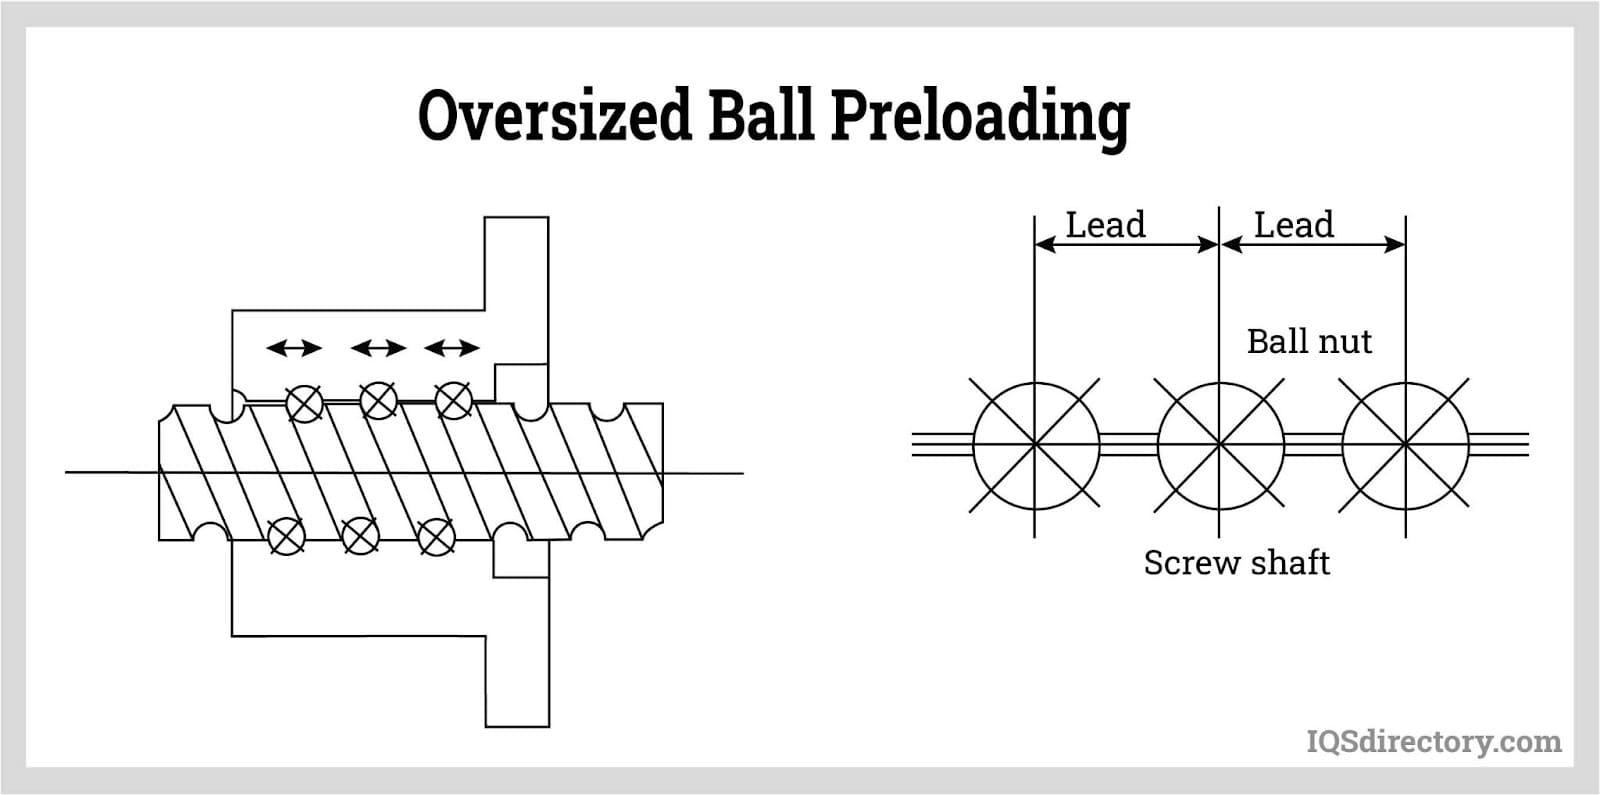 Oversized Ball Preloading